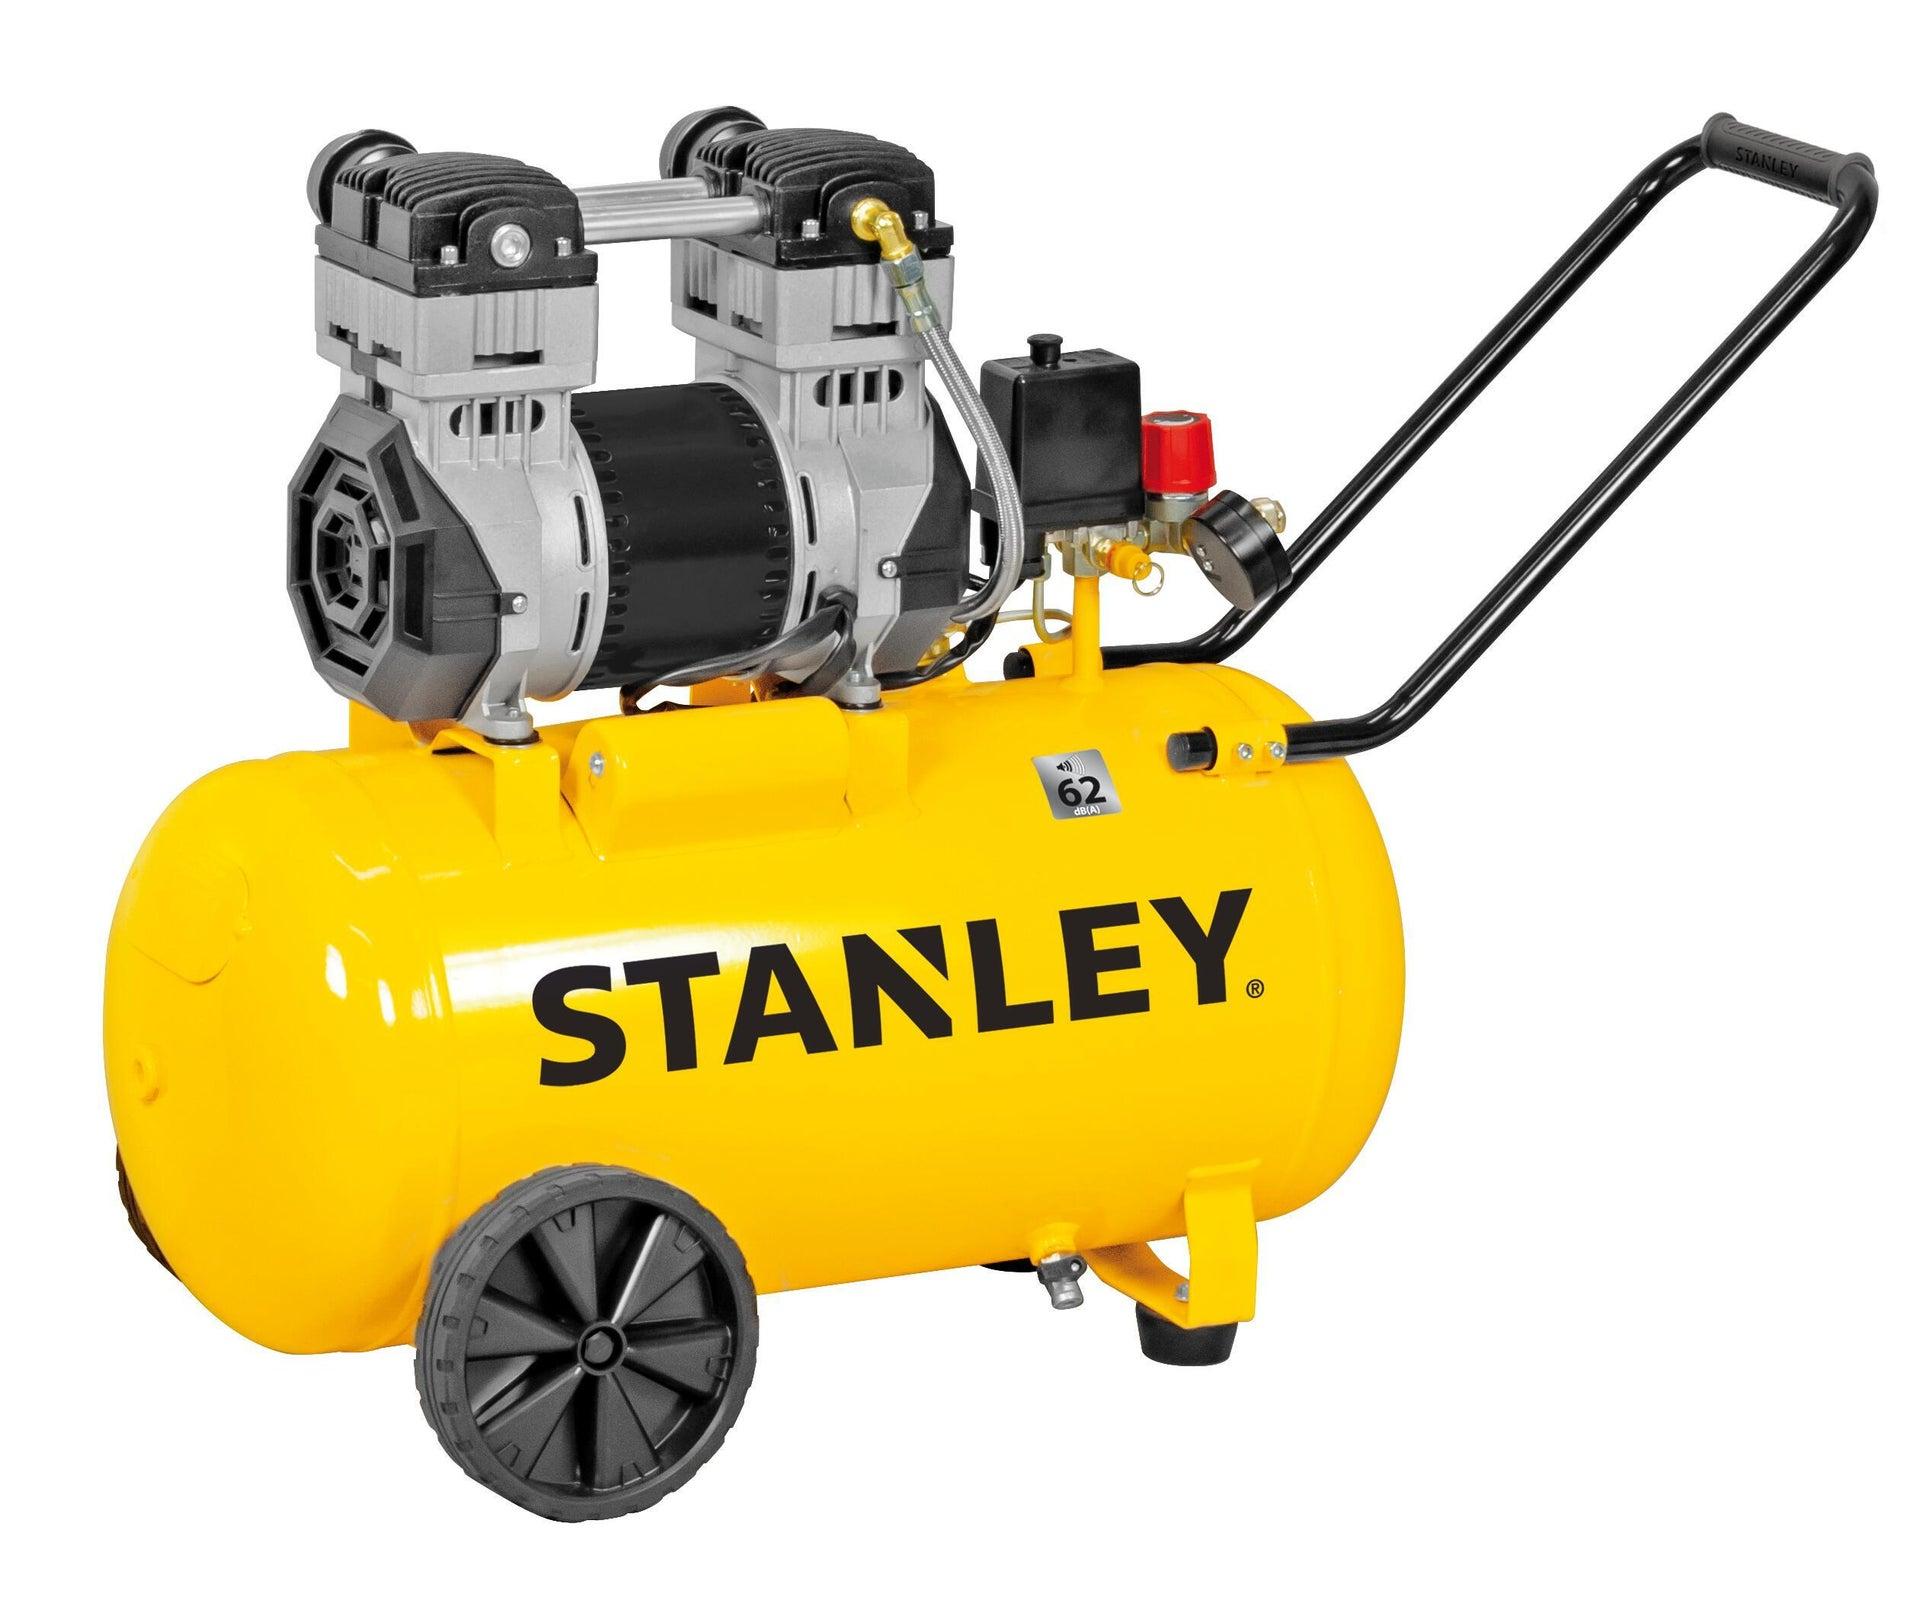 Compressore silenziato STANLEY SXCMS2050HE, 2 hp, 8 bar, 50 L - 1